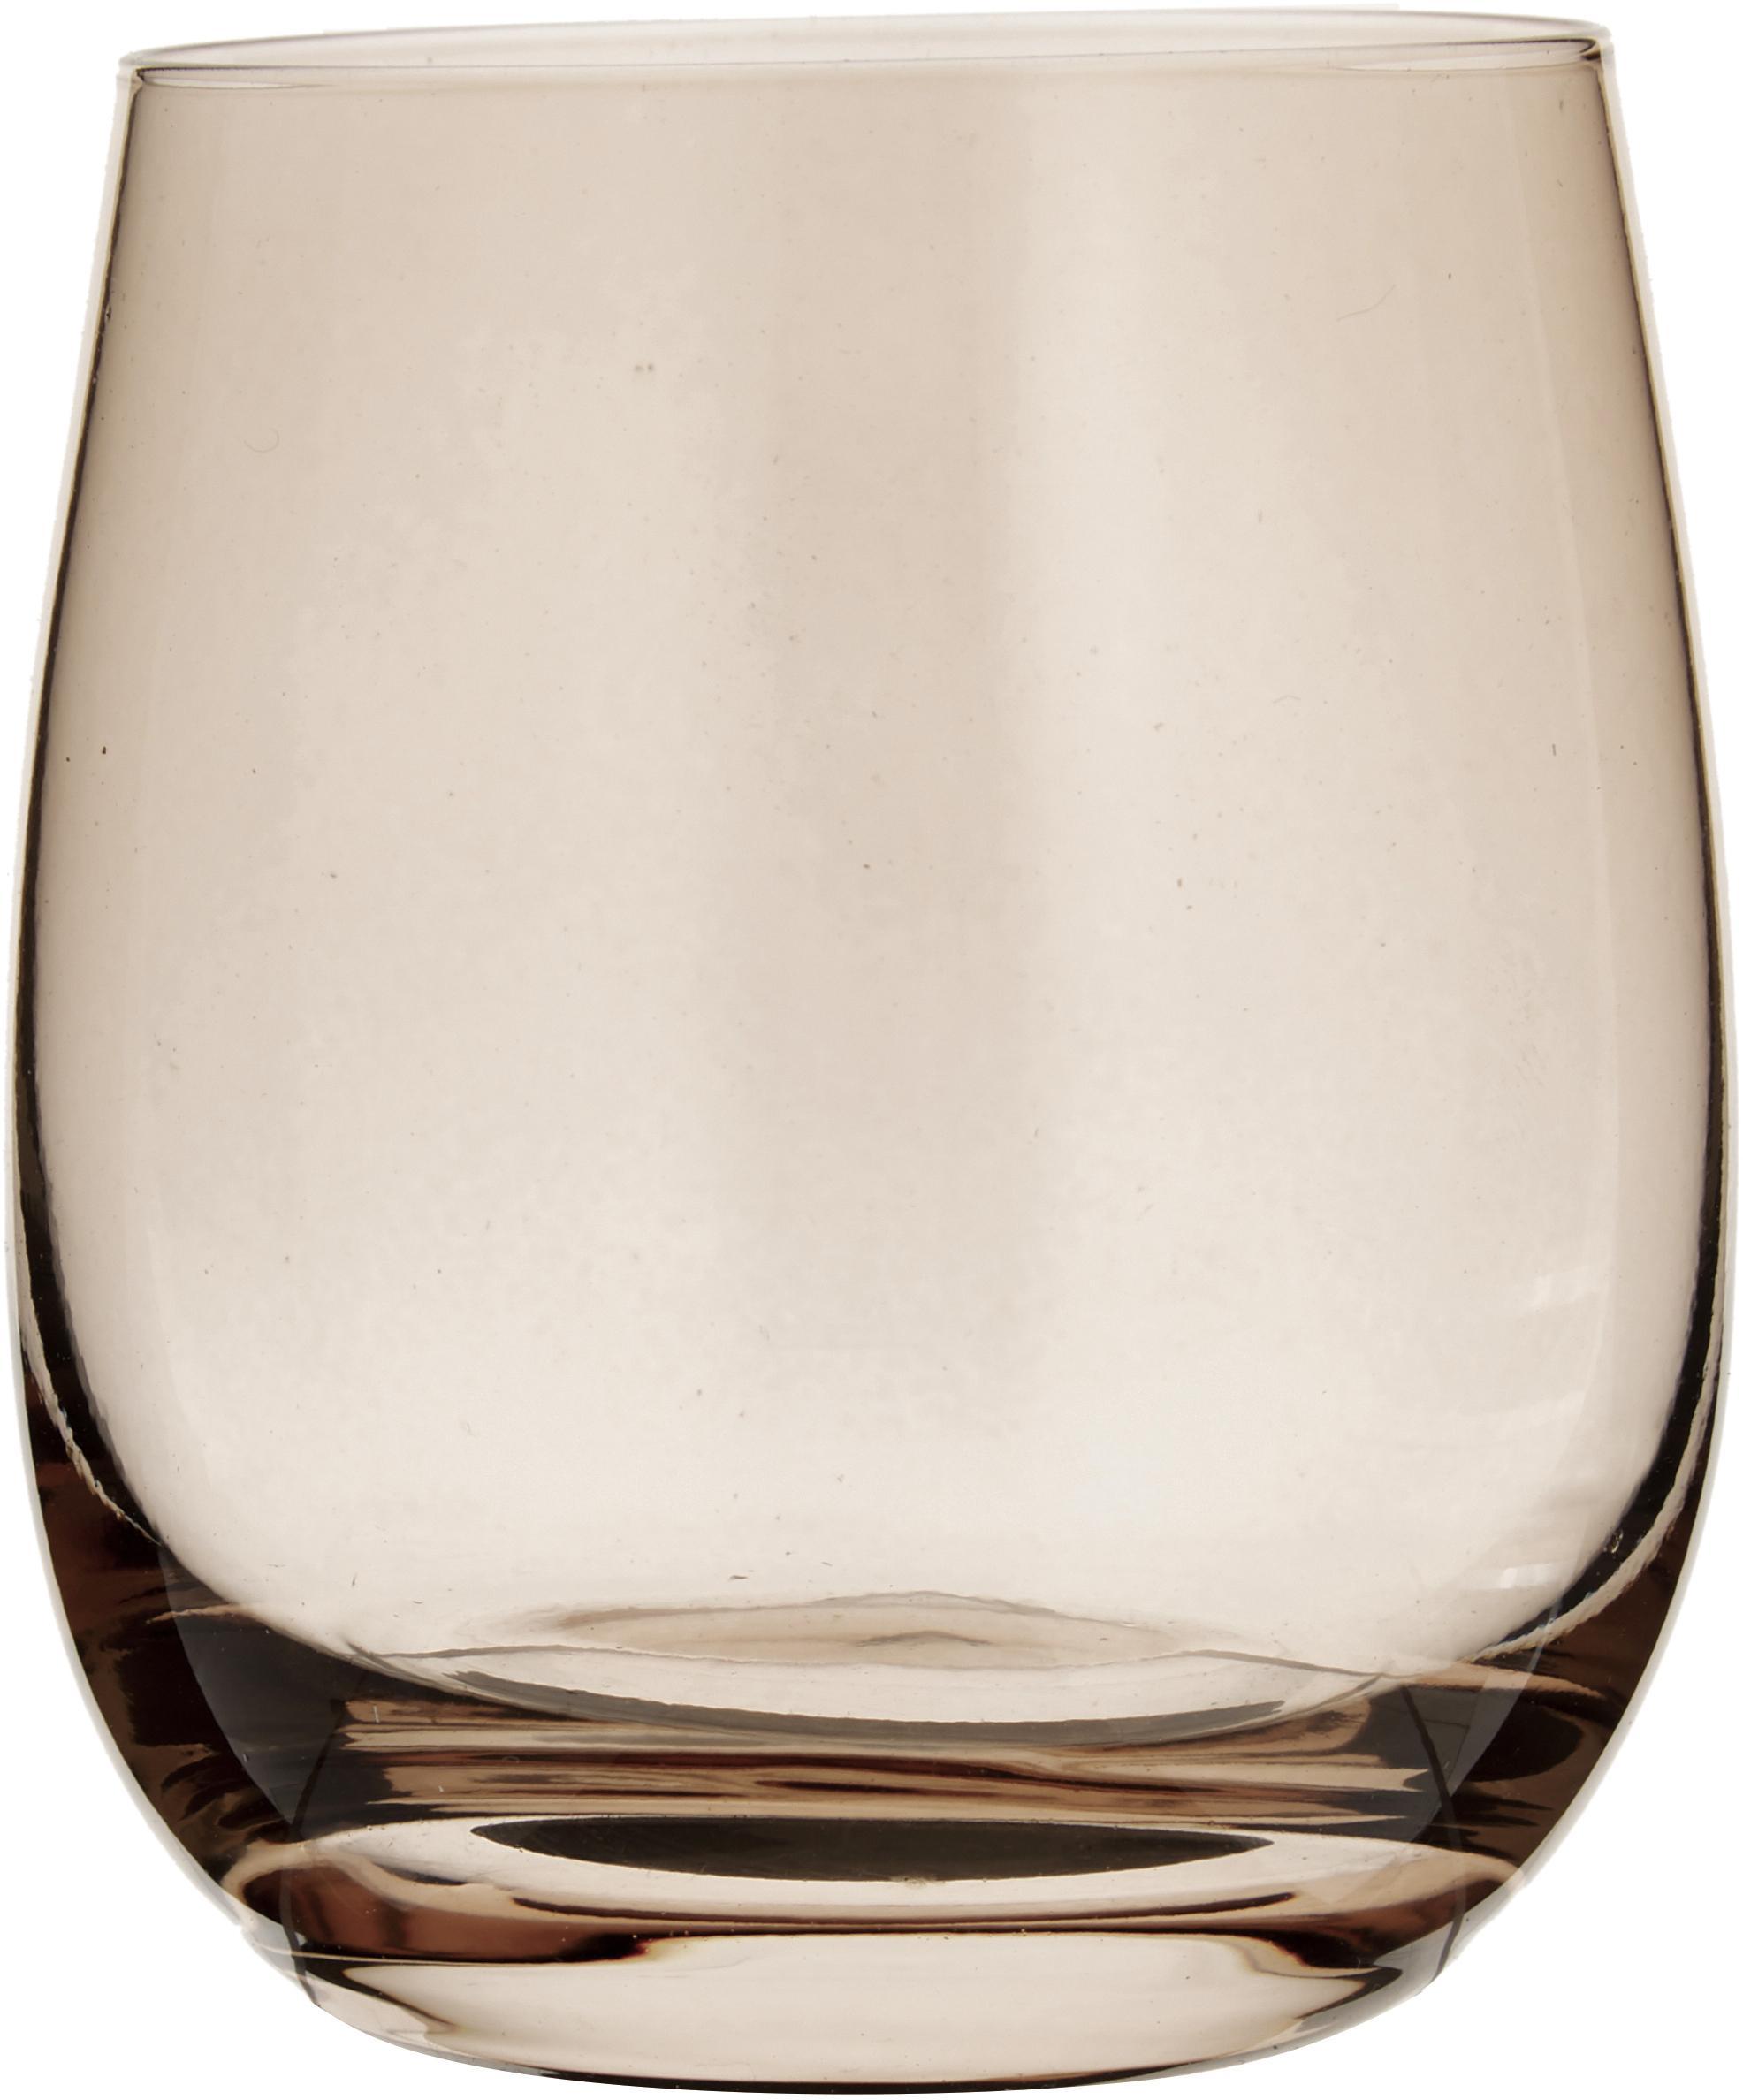 Waterglazen Sora, 6 stuks, Glas, Lichtbruin, Ø 8 x H 10 cm